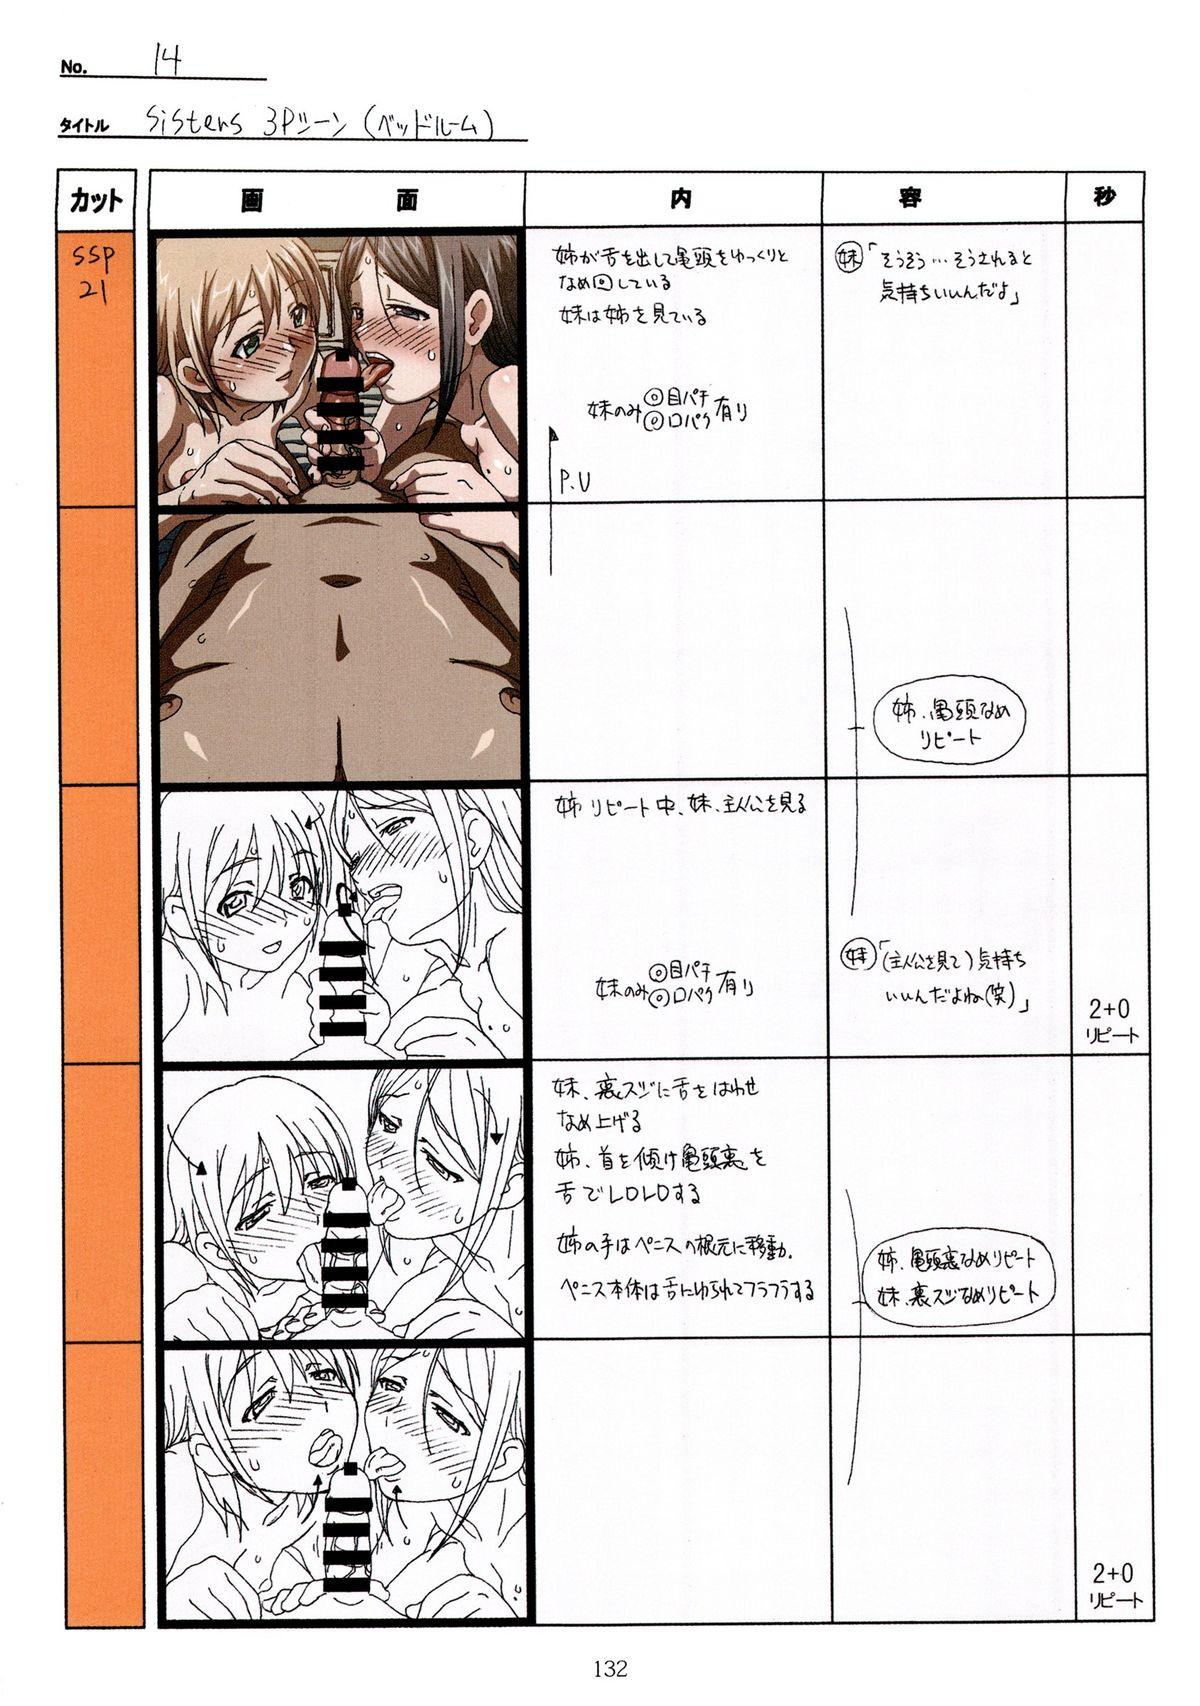 (C89) [Makino Jimusho (Taki Minashika)] SISTERS -Natsu no Saigo no Hi- H Scene All Part Storyboard (SISTERS -Natsu no Saigo no Hi-) 131